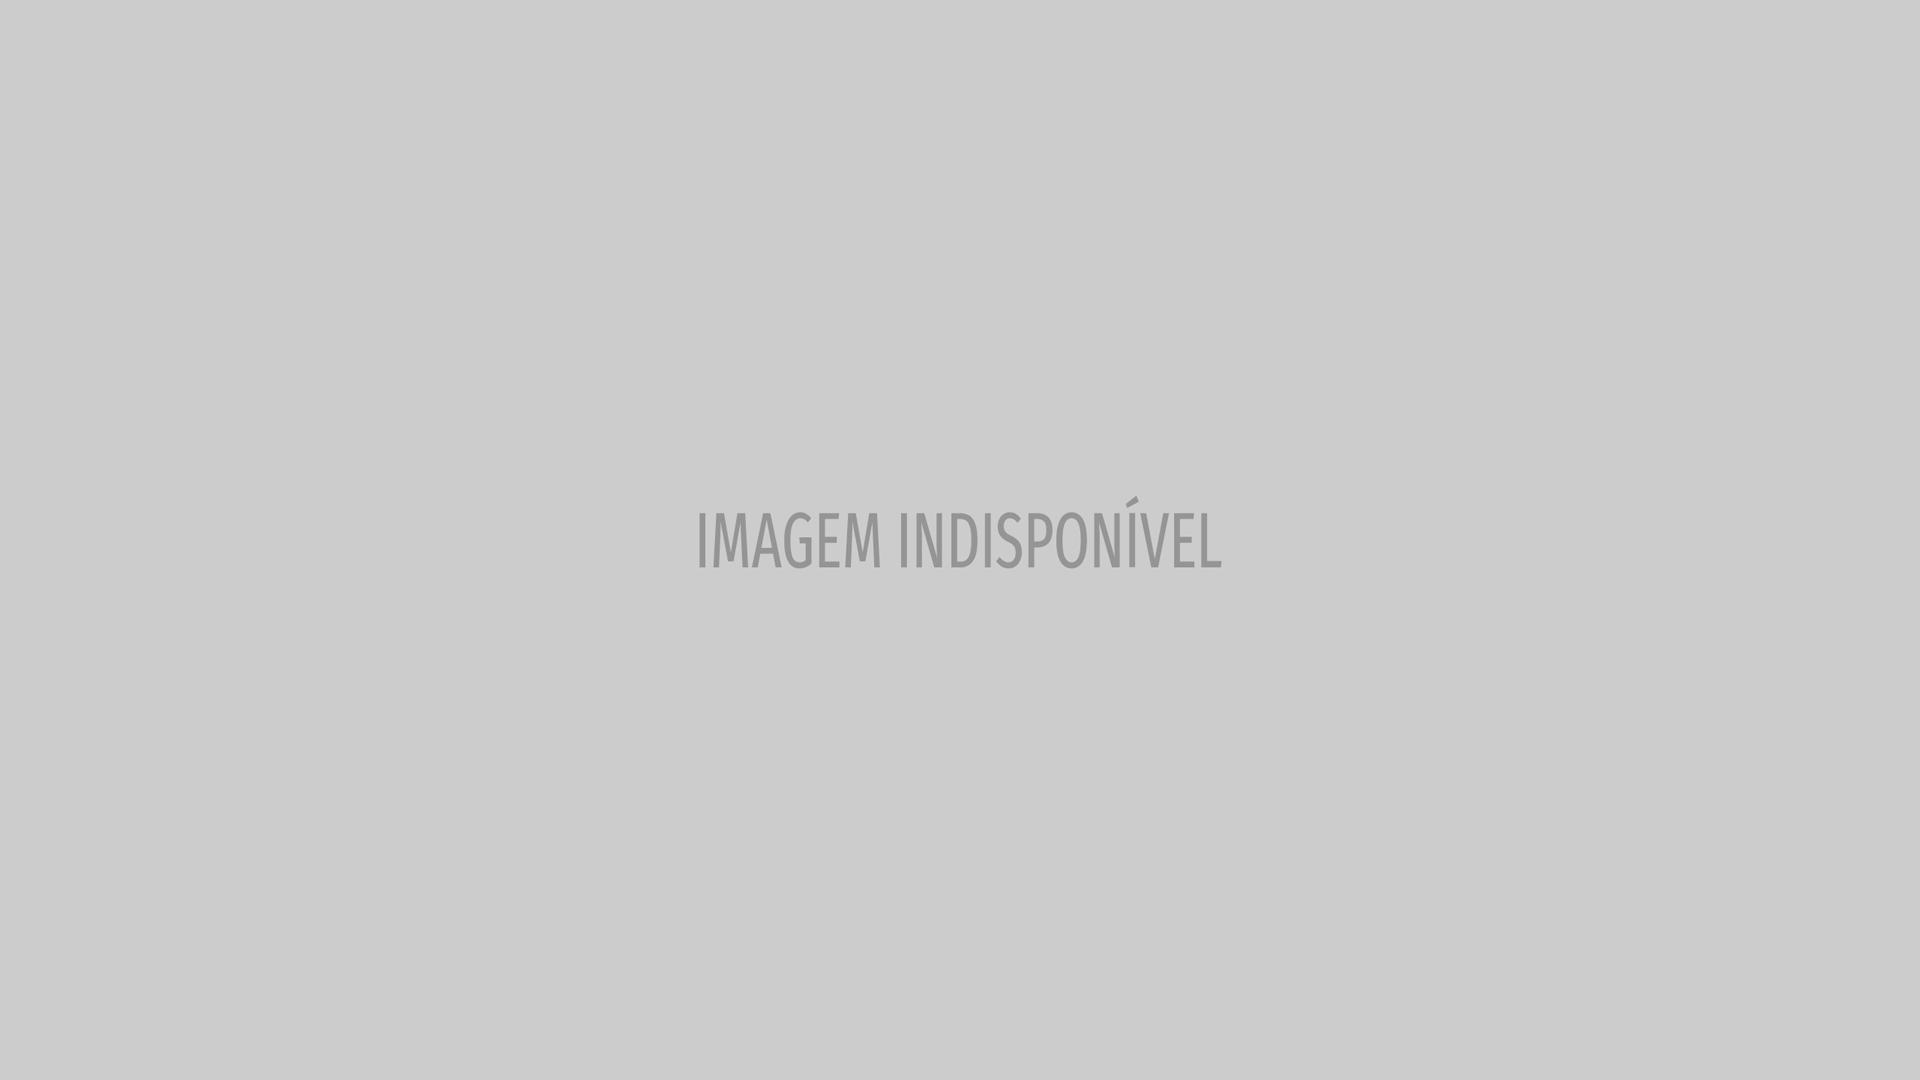 Ex-BBB Maria Melilo admite romance com deputado Jarbas Vasconcelos